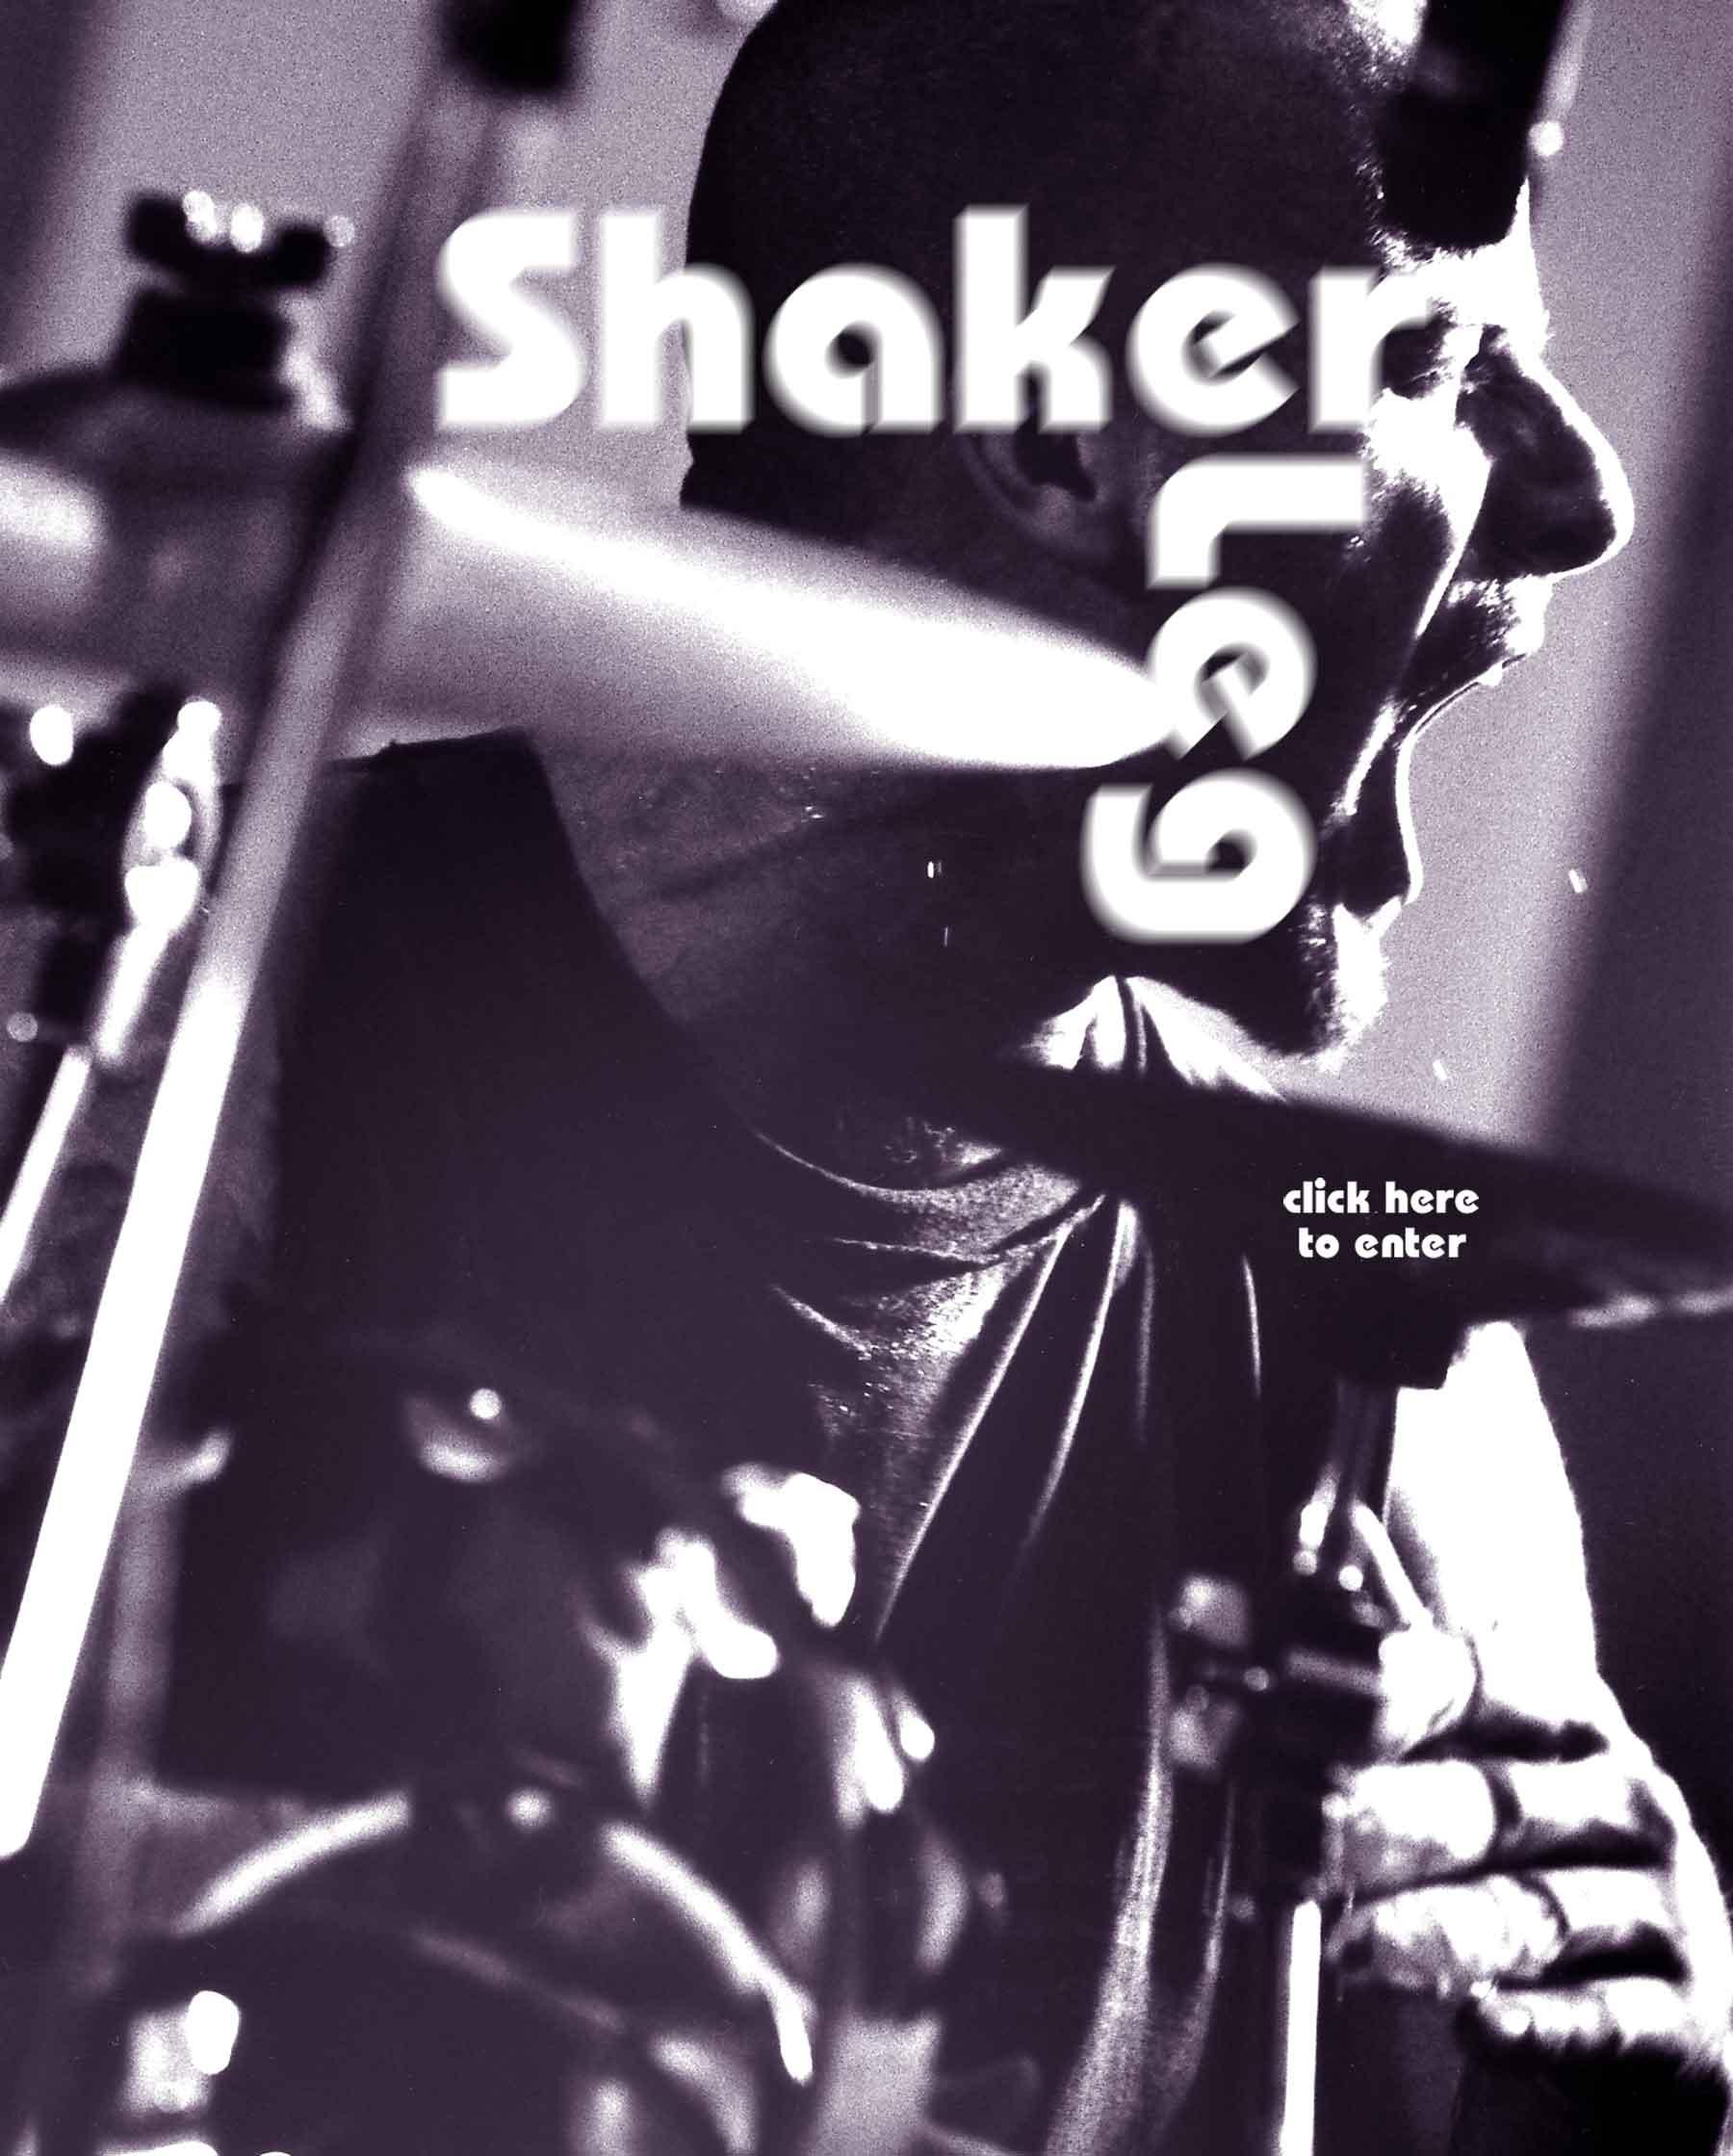 shakerleg-splashpage